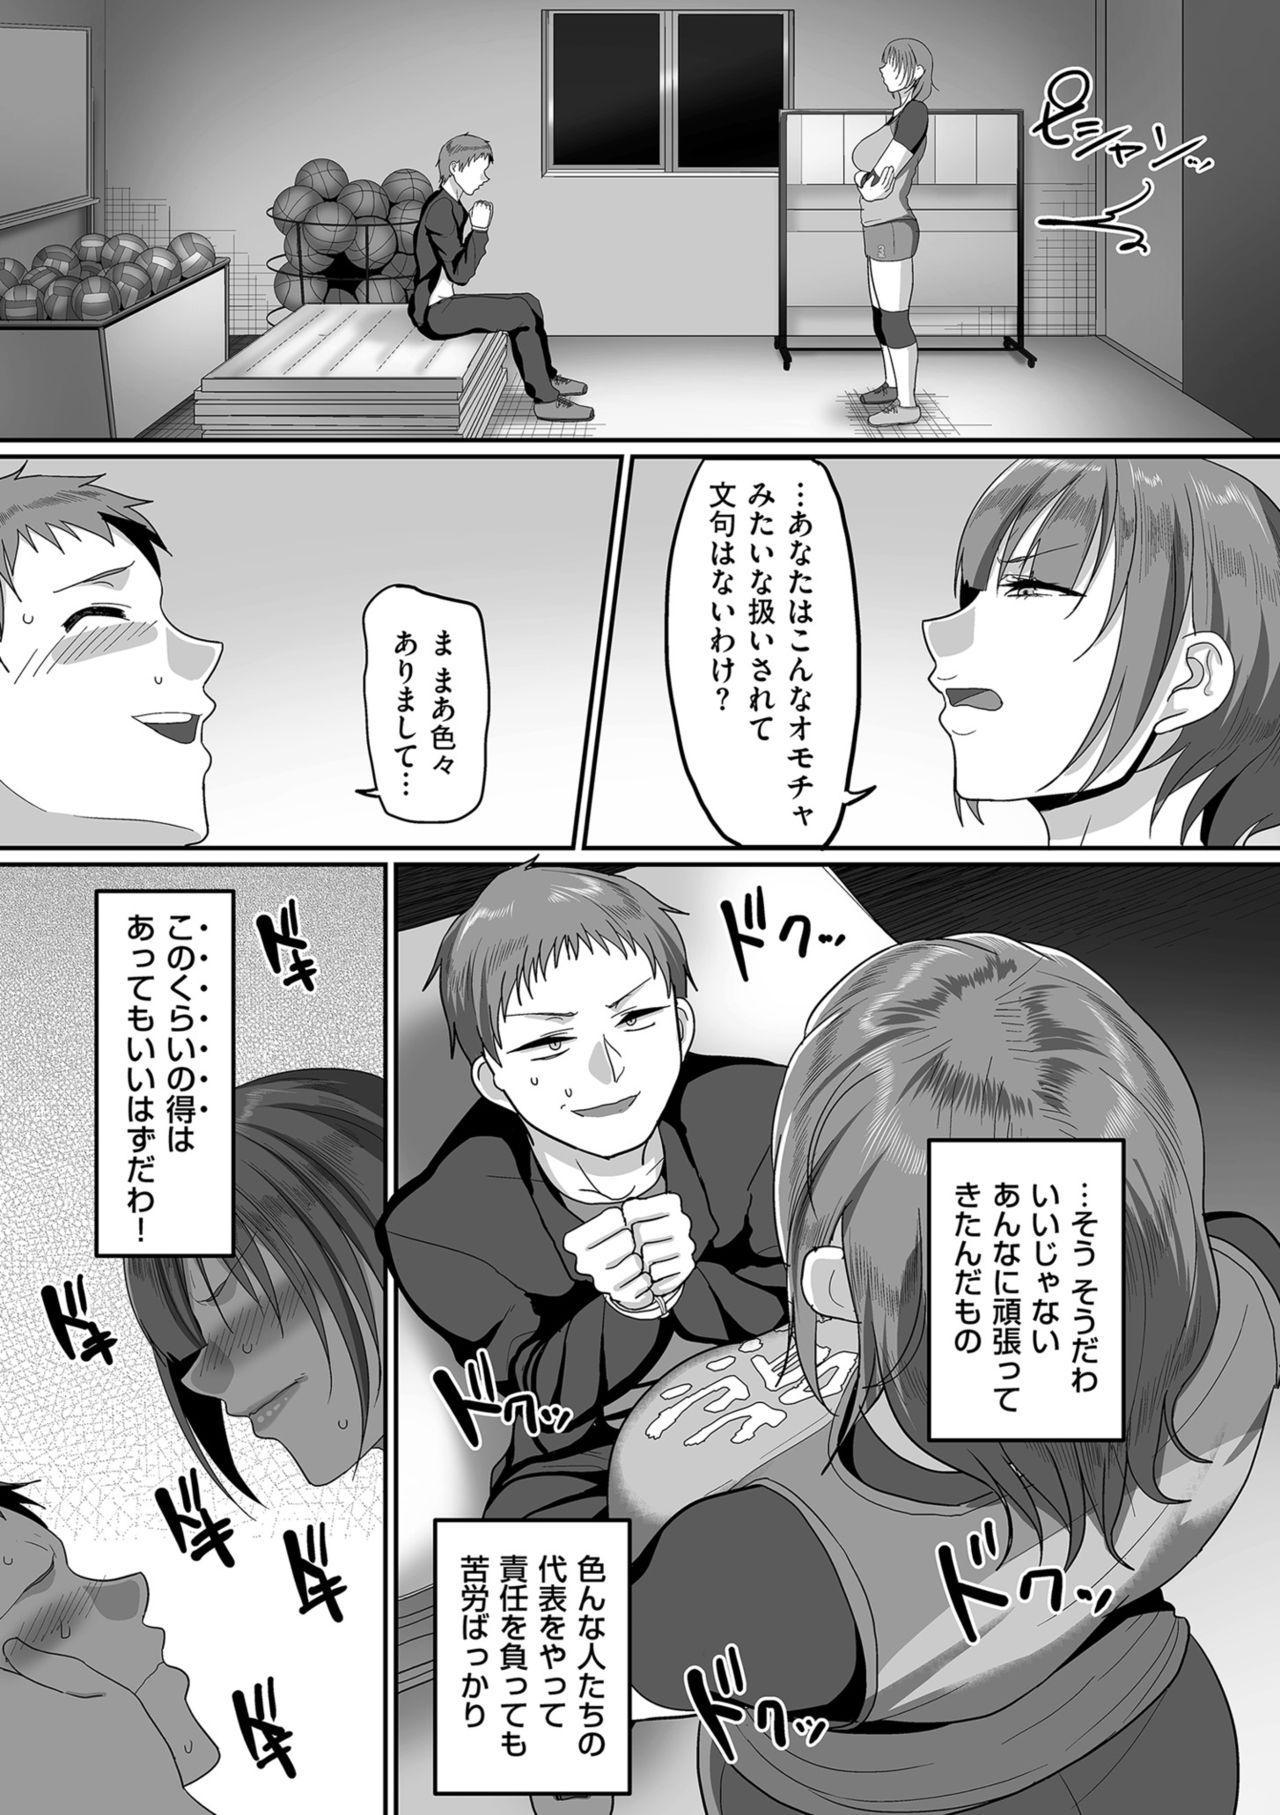 [Yamamoto Zenzen] S-ken K-shi Shakaijin Joshi Volleyball Circle no Jijou [Digital] 66